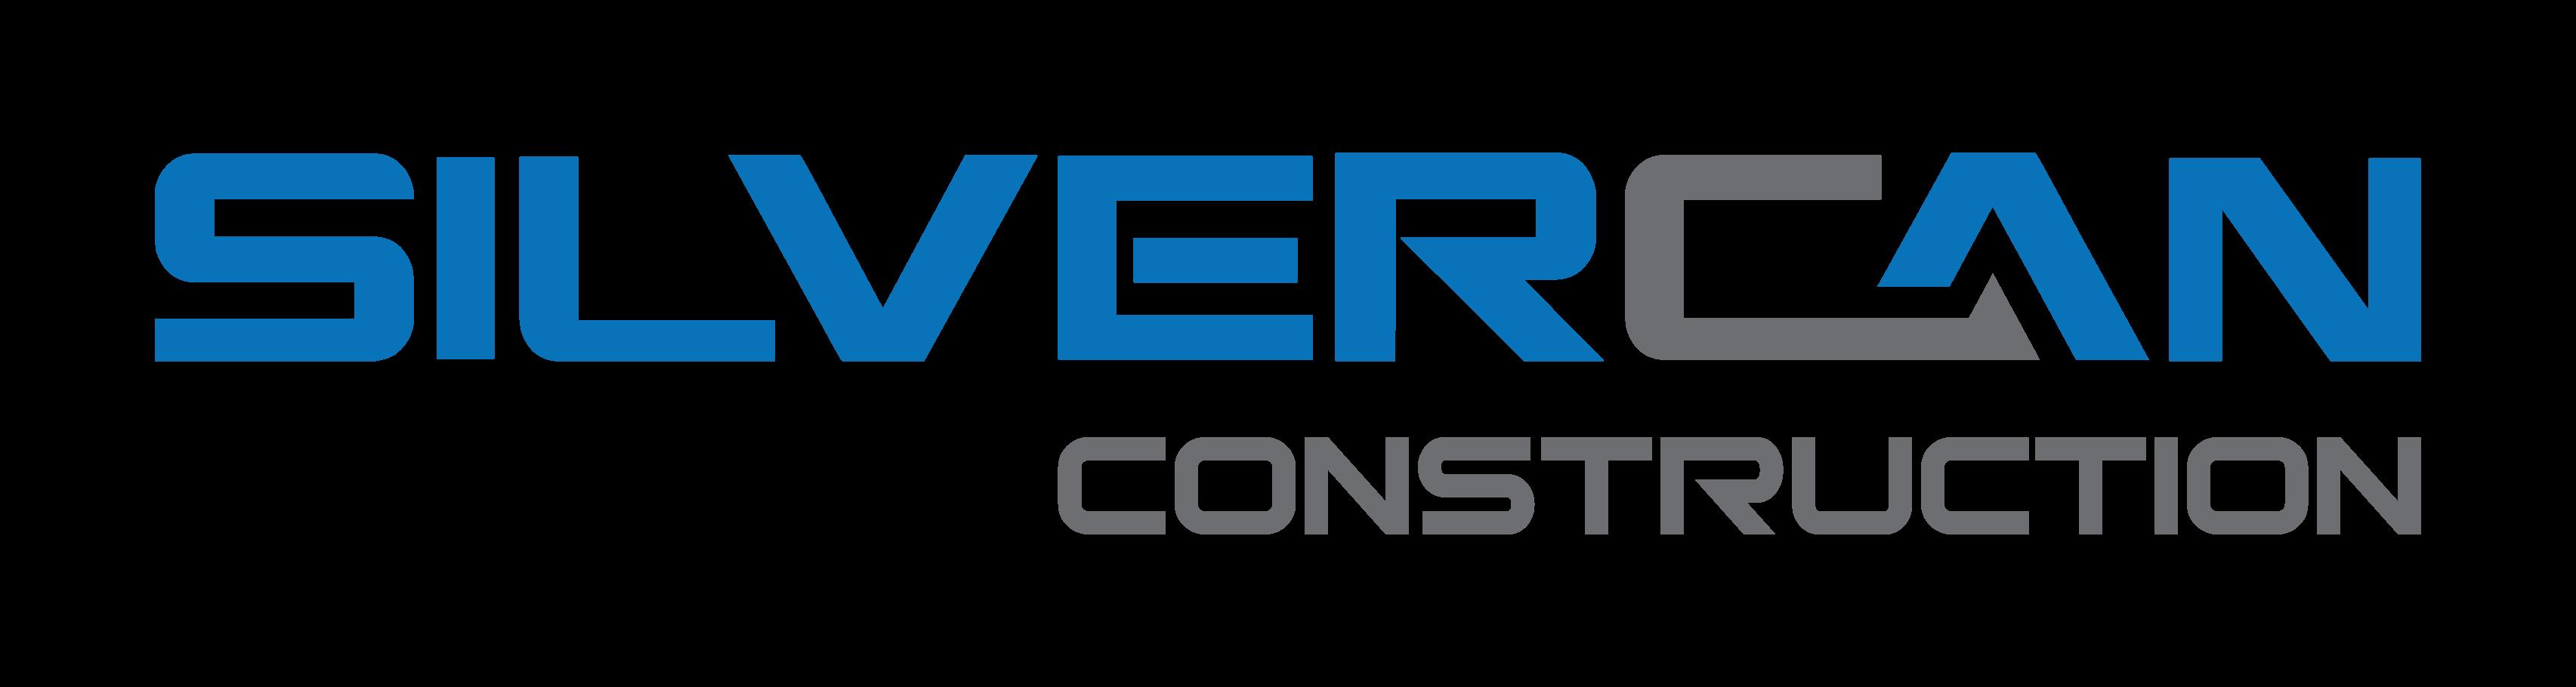 Silvercan Construction